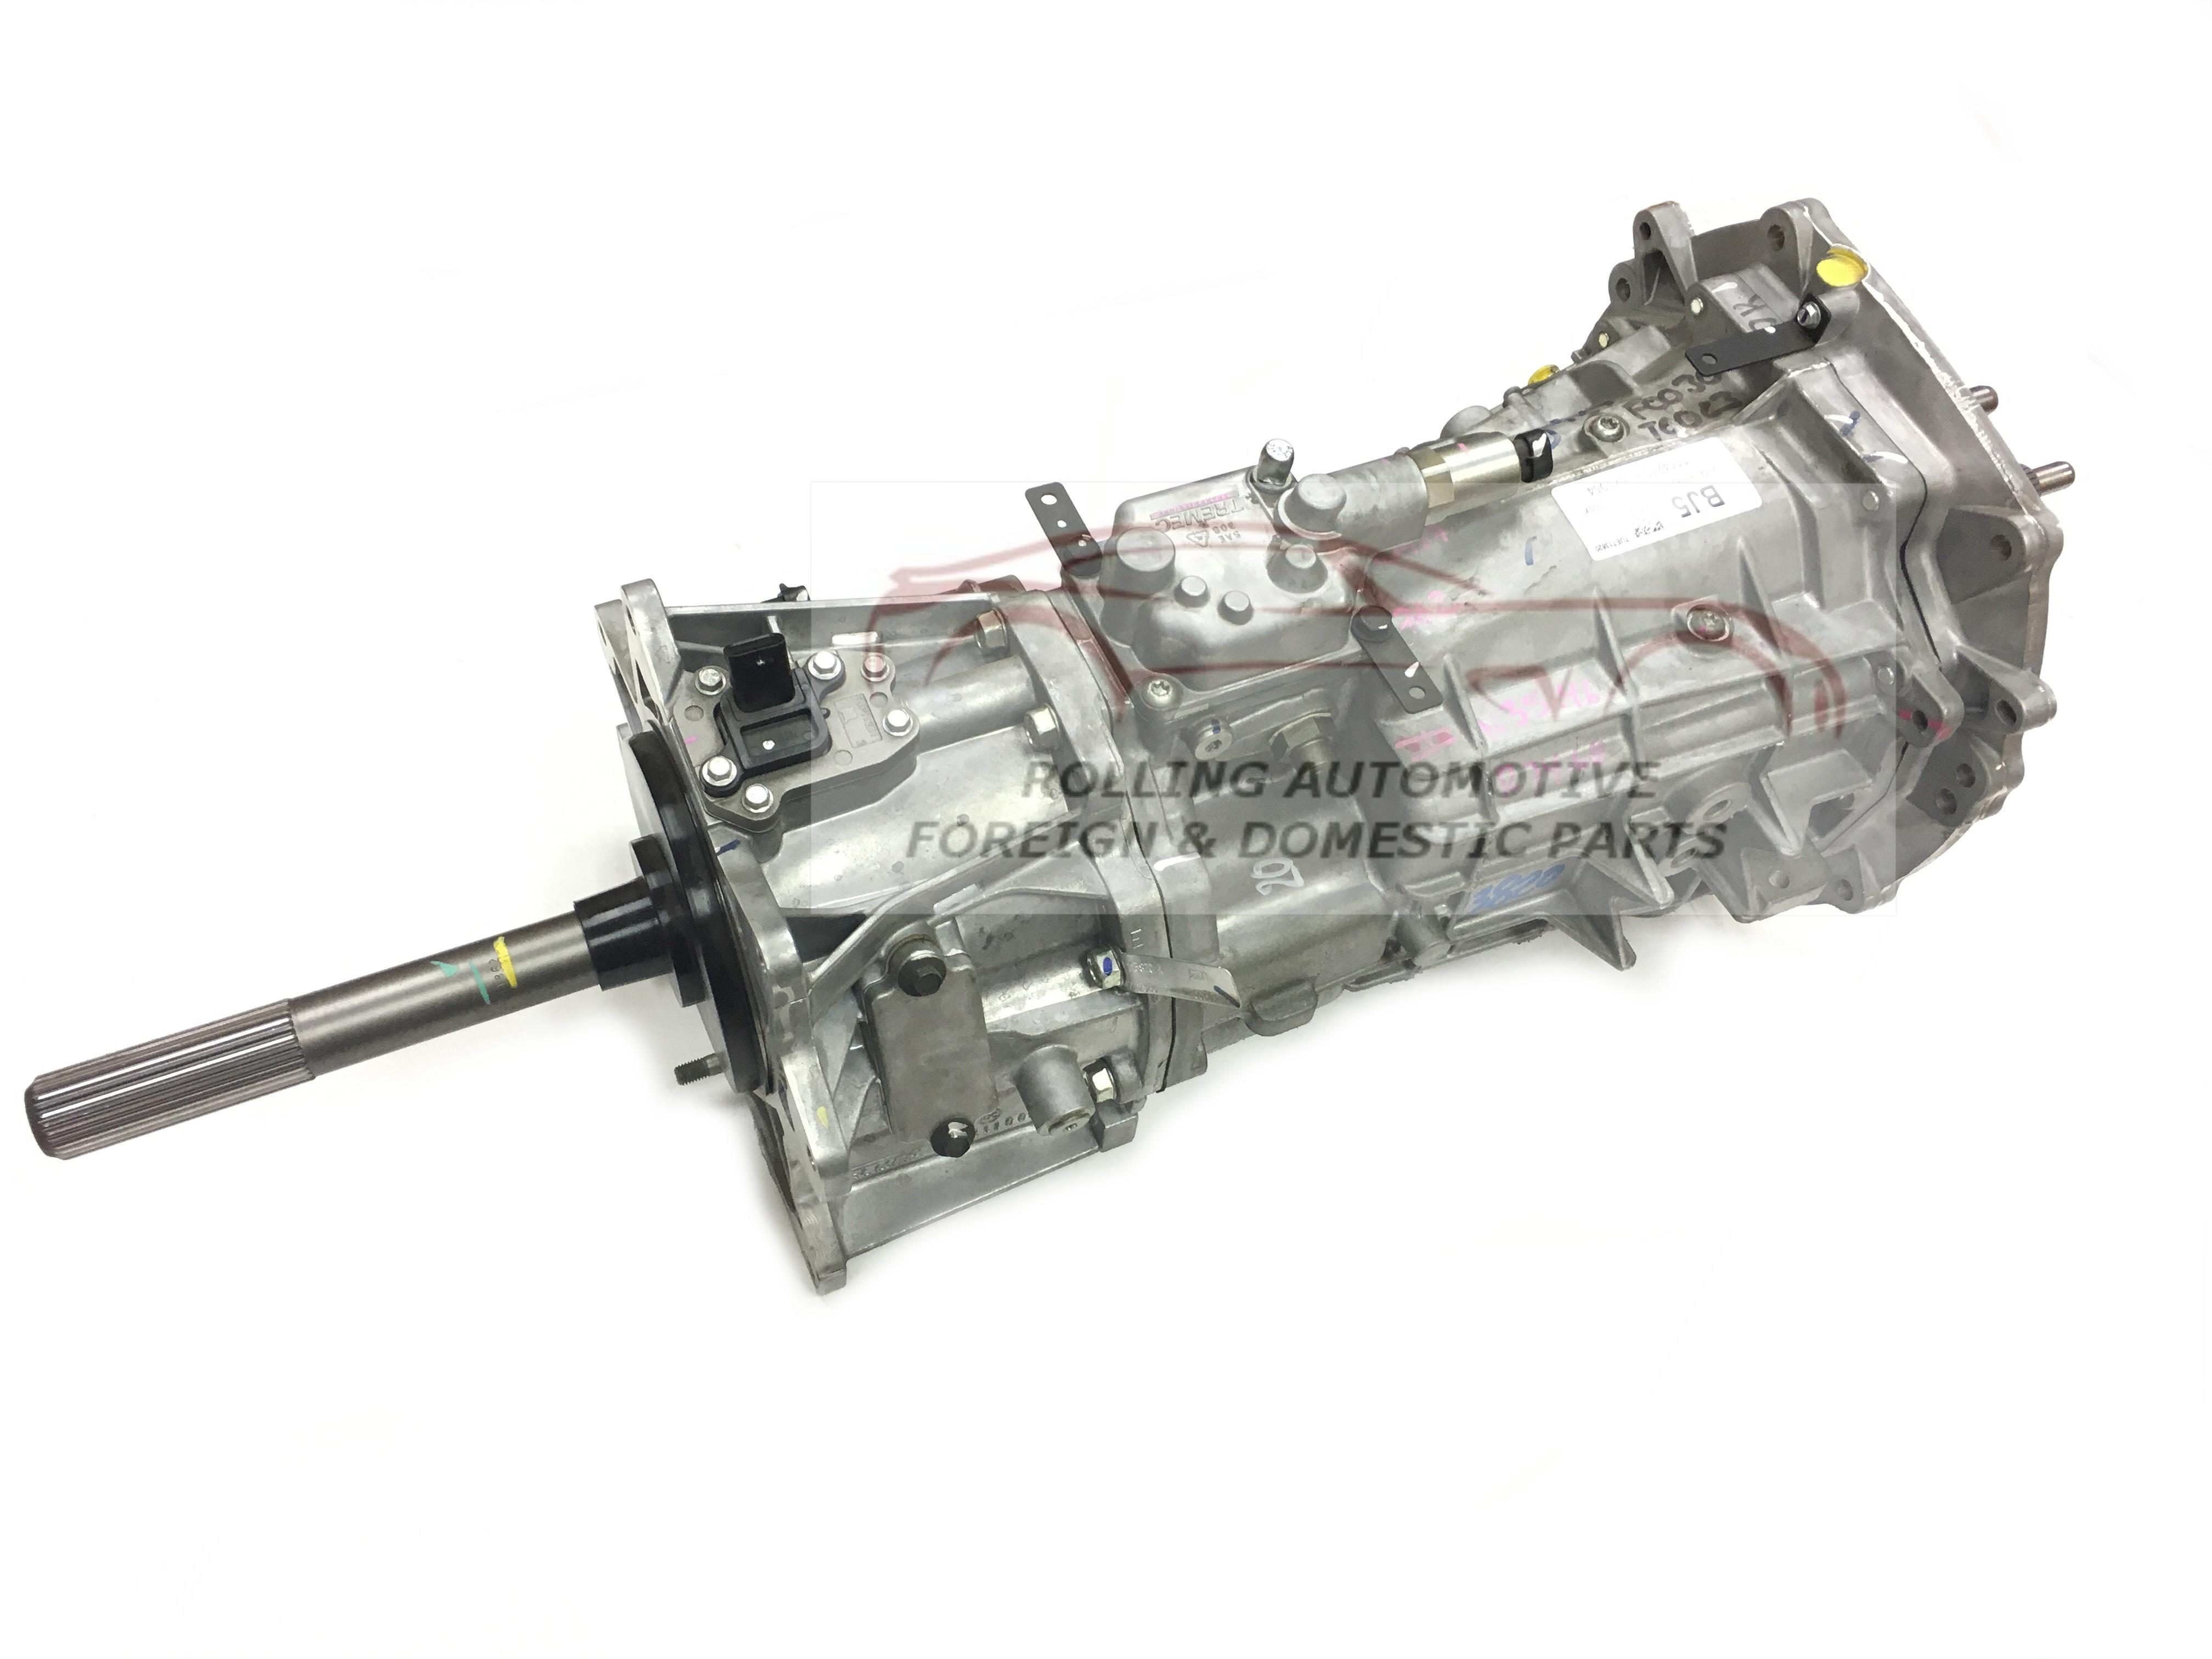 2015 chevrolet corvette 7 speed tr6070 manual transmission new oem. Black Bedroom Furniture Sets. Home Design Ideas